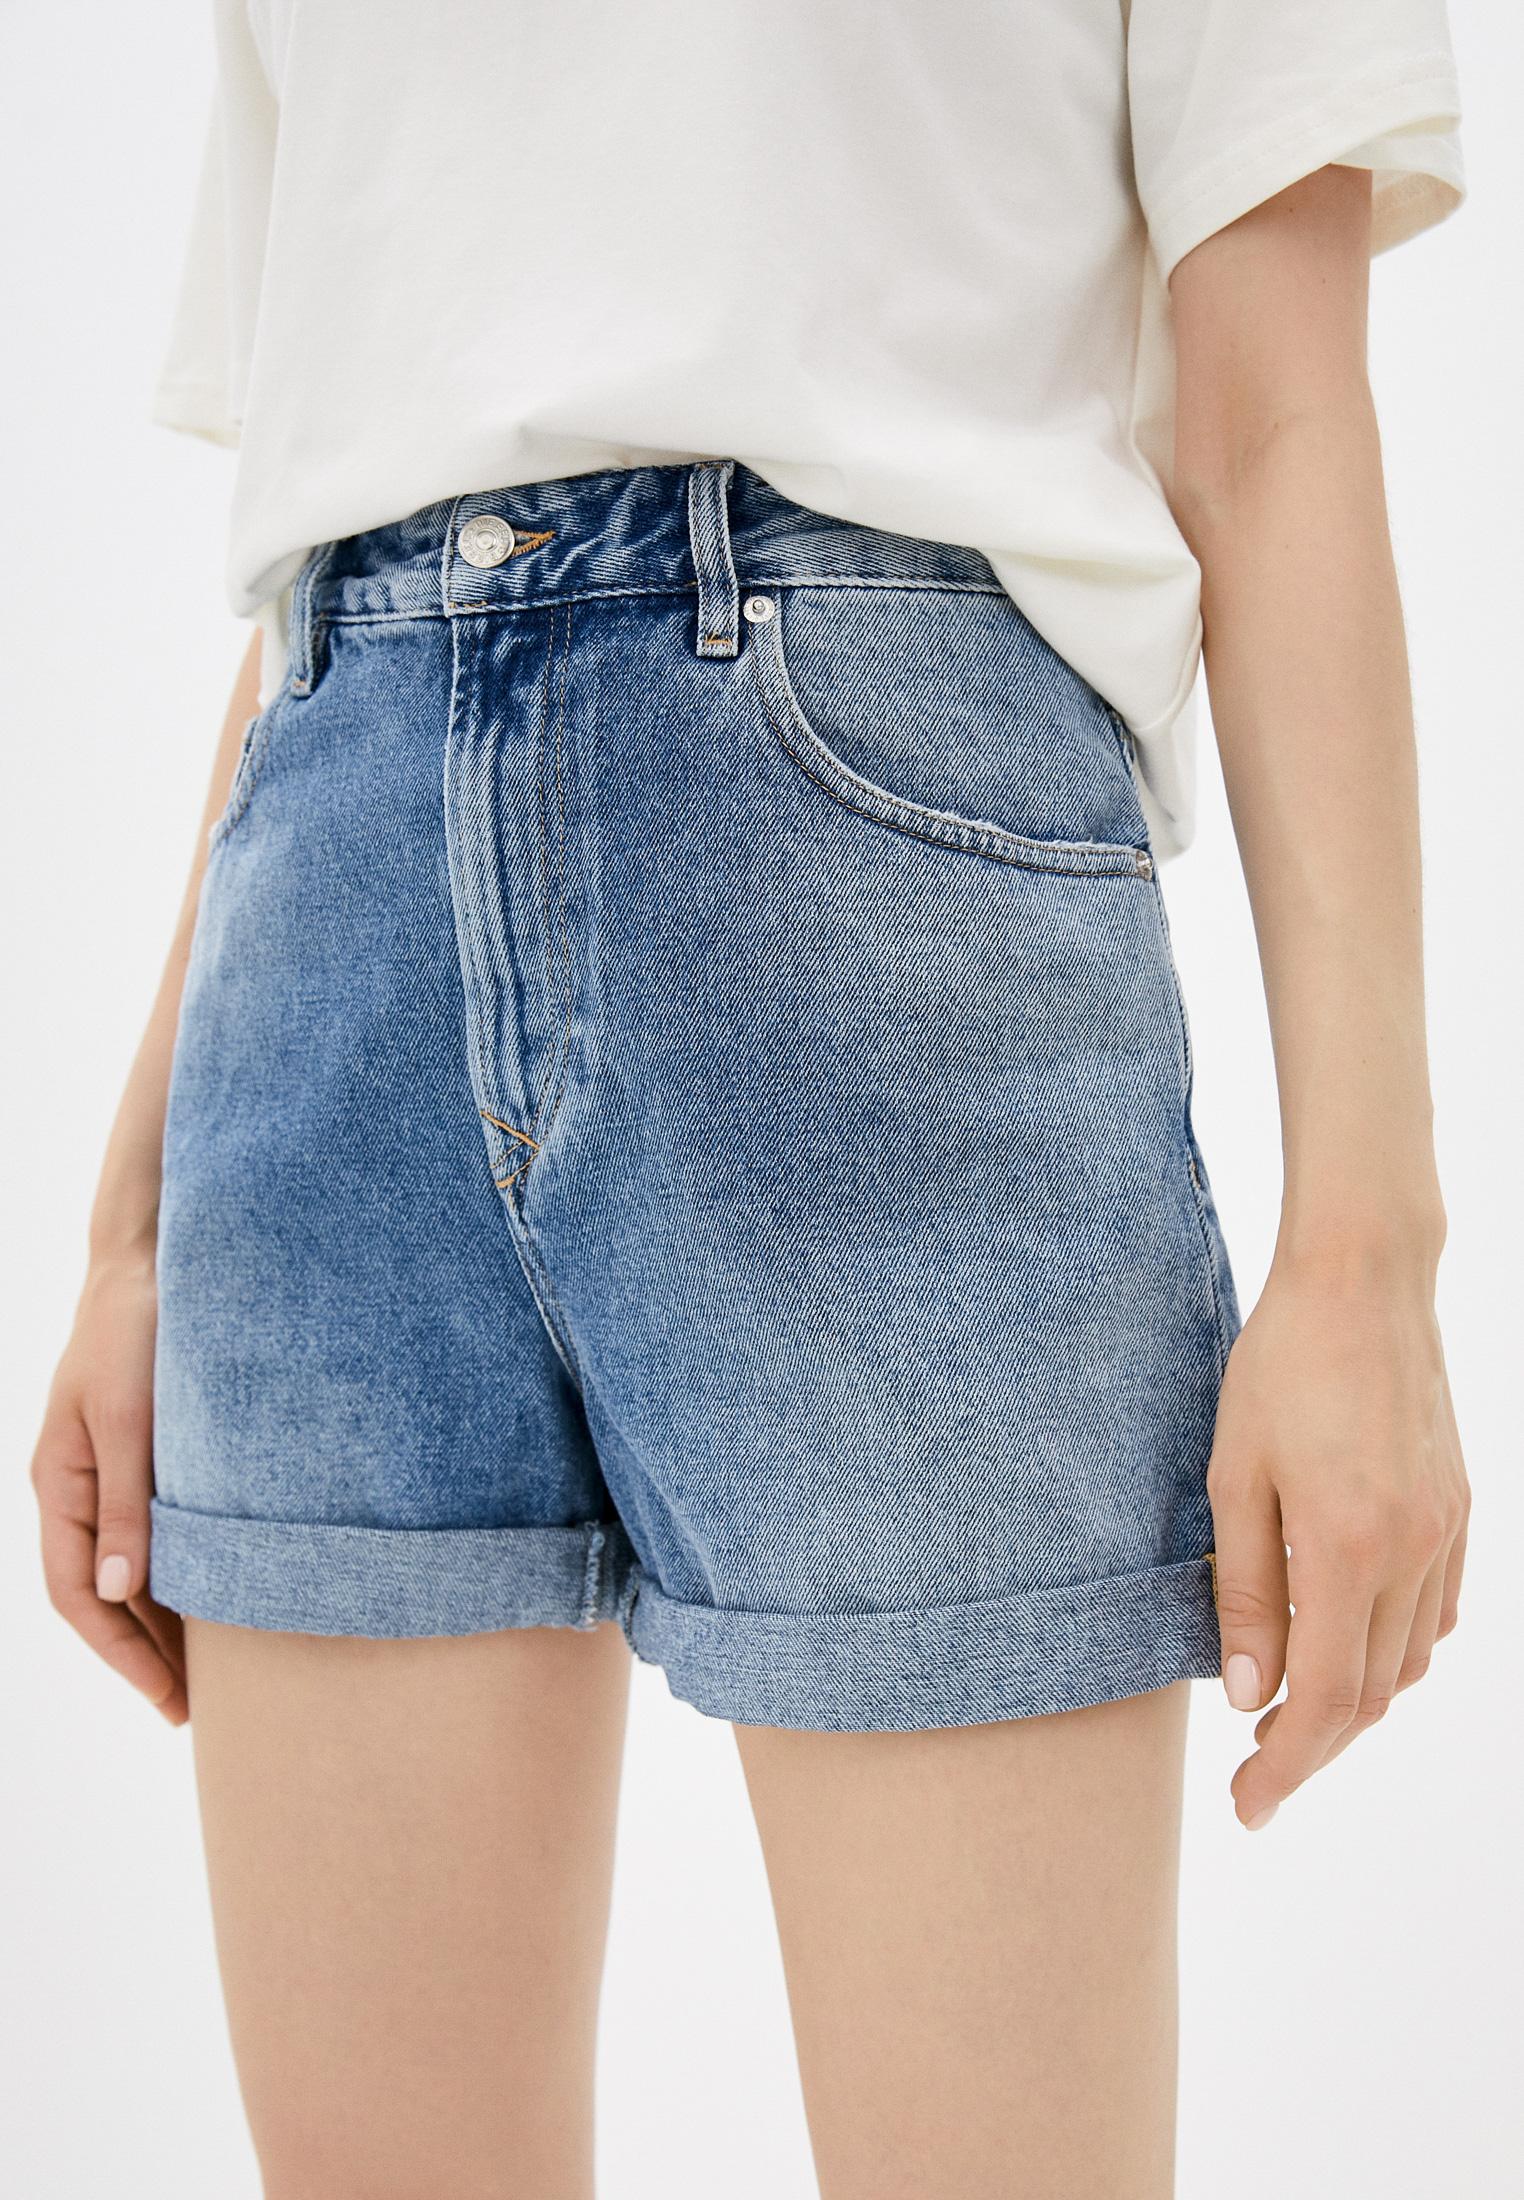 Женские джинсовые шорты Diesel (Дизель) Шорты джинсовые Diesel